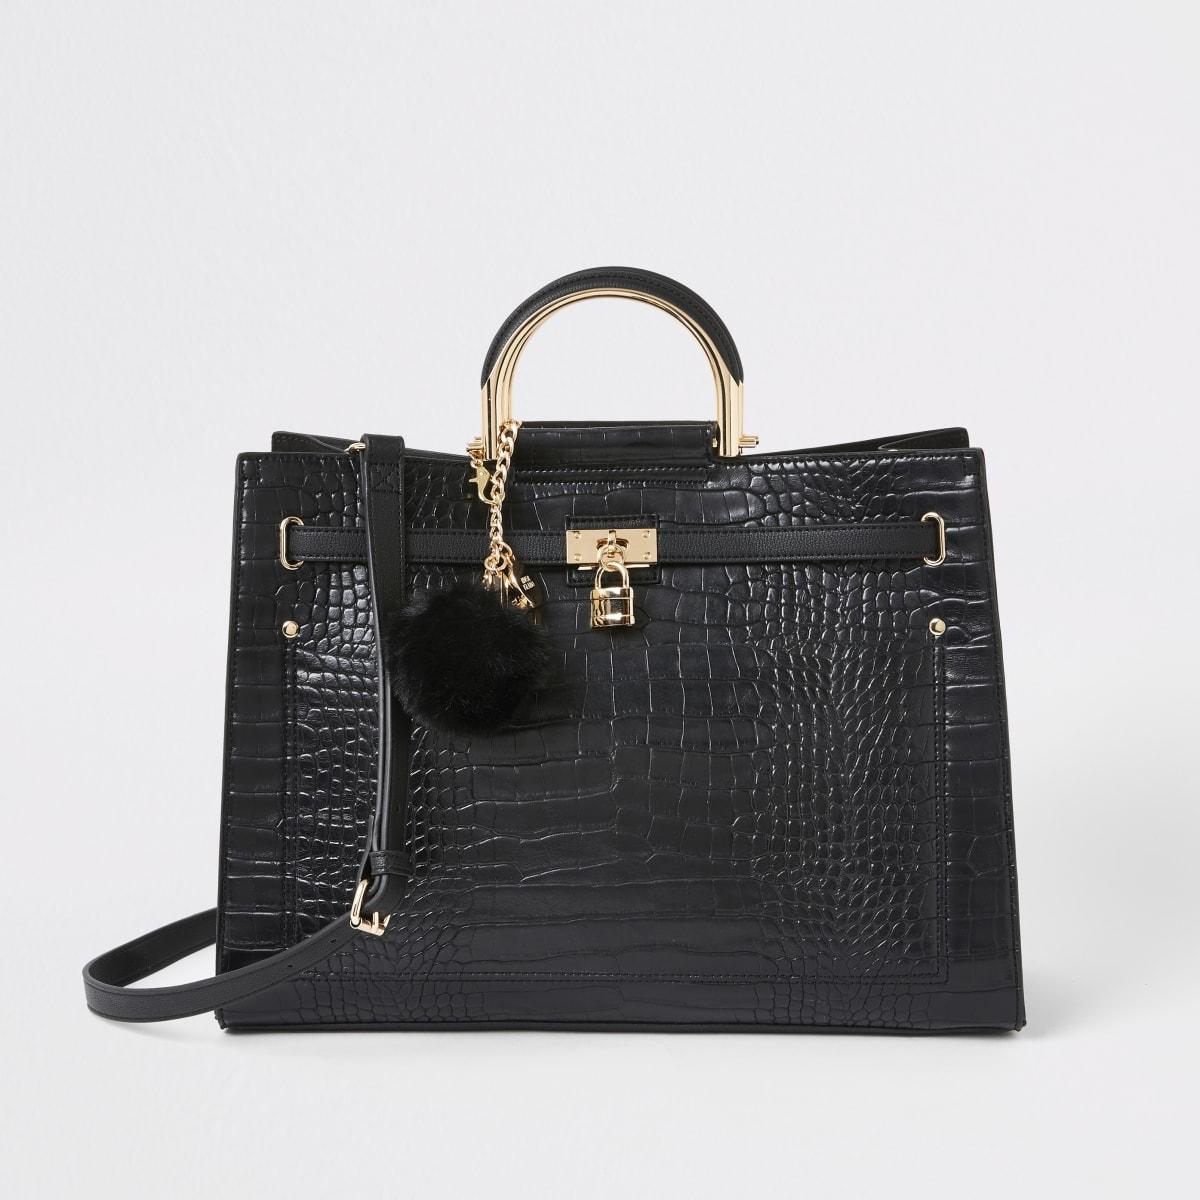 Zwarte handtas met krokodillenprint en hangslot voor